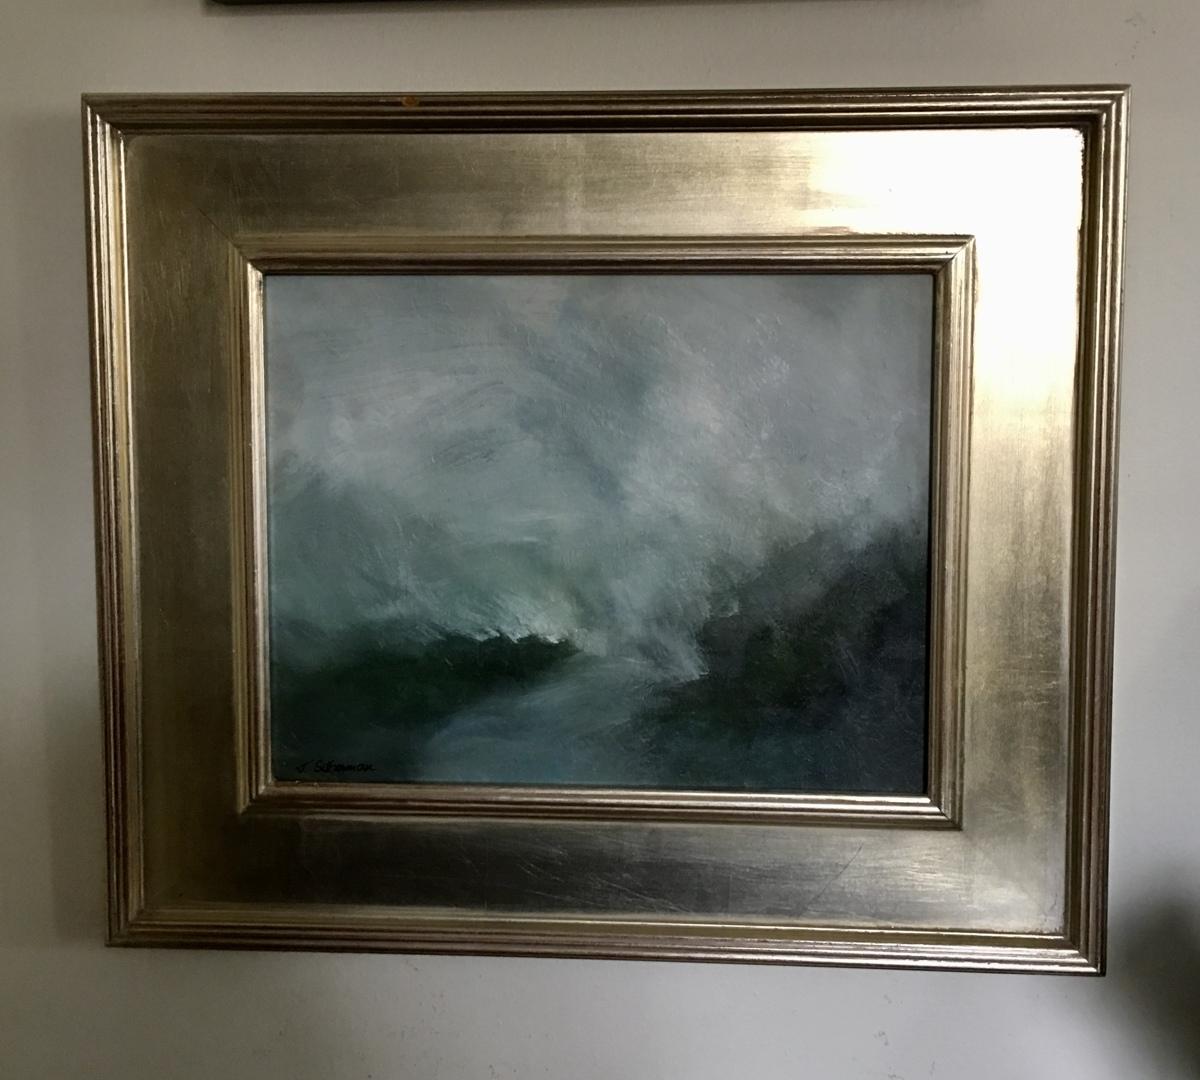 Mist, framed (large view)